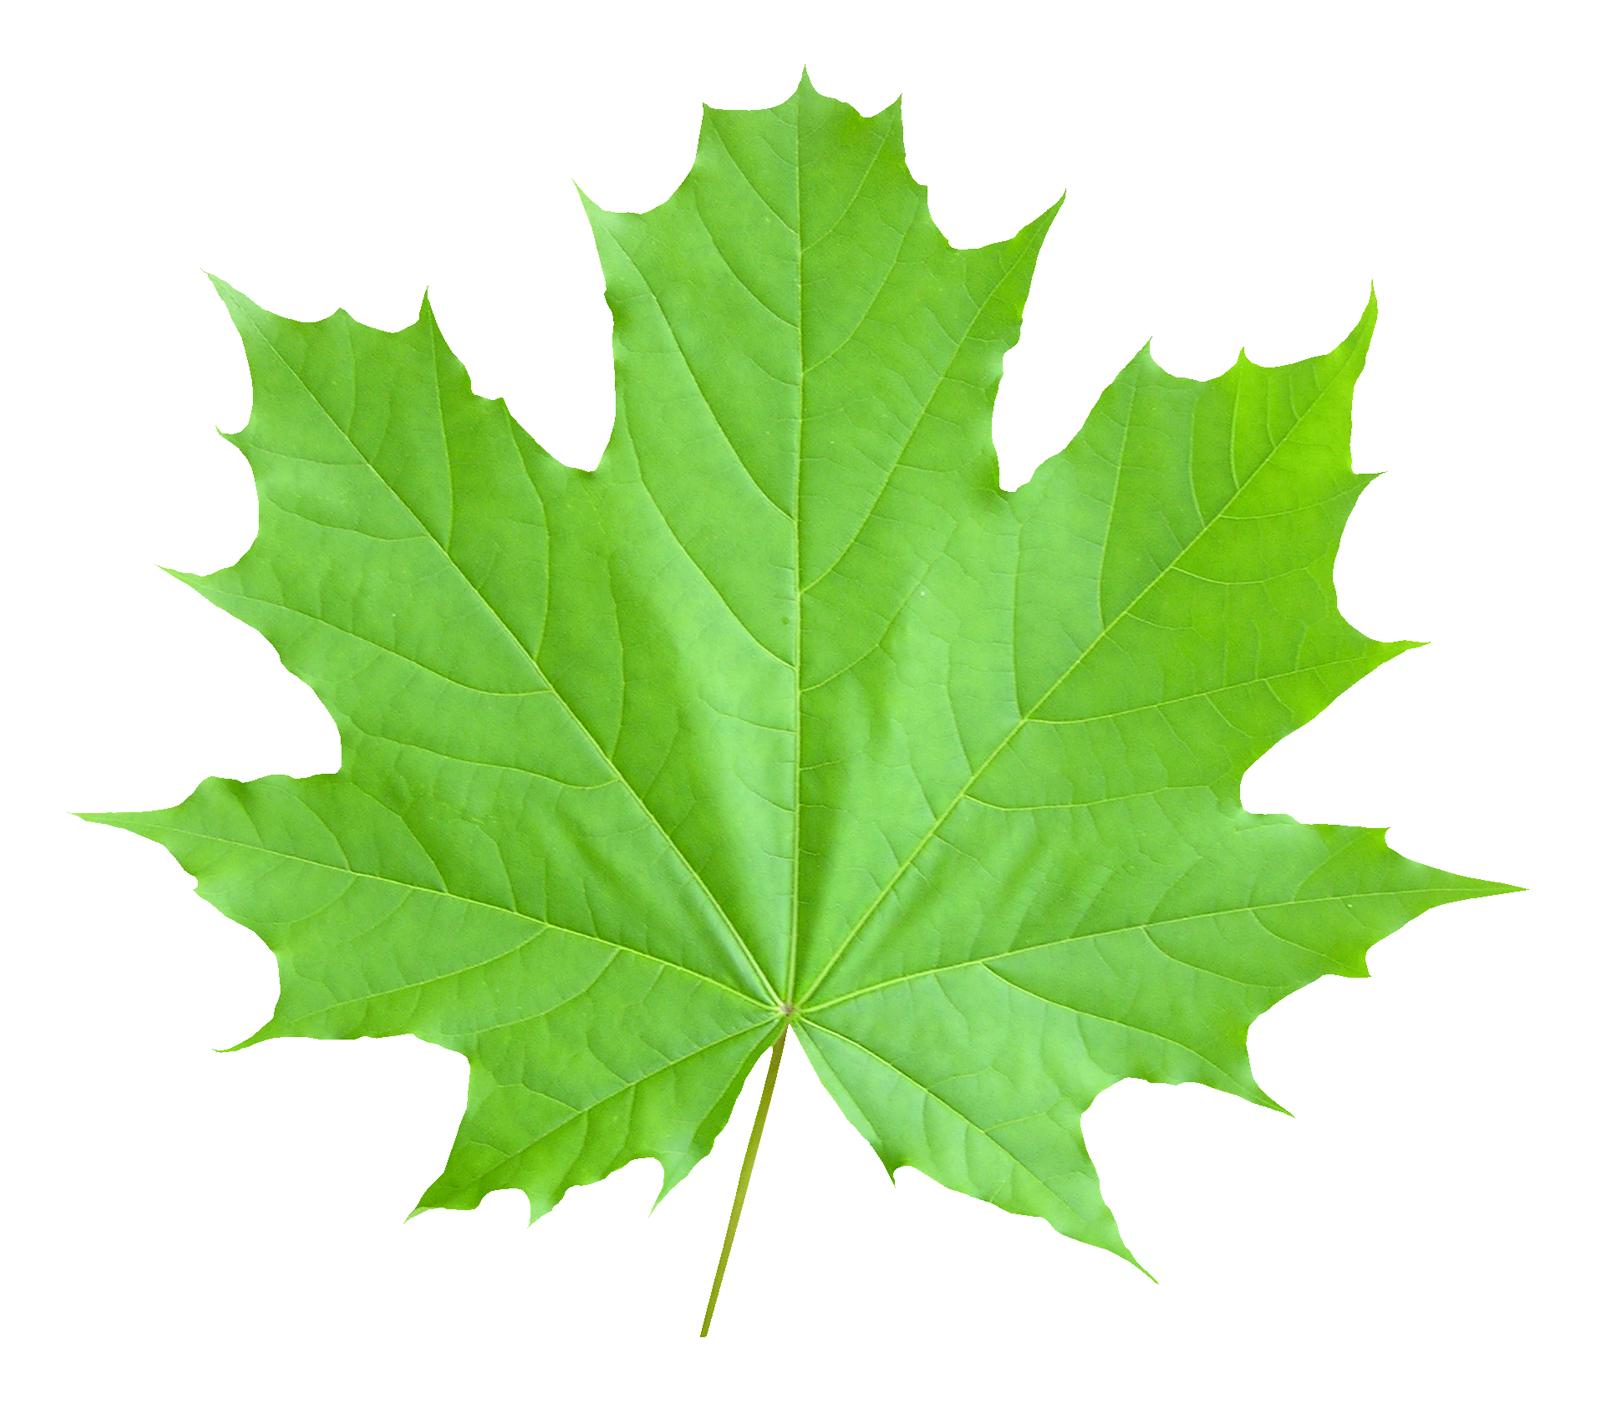 Maple Leaf PNG Image